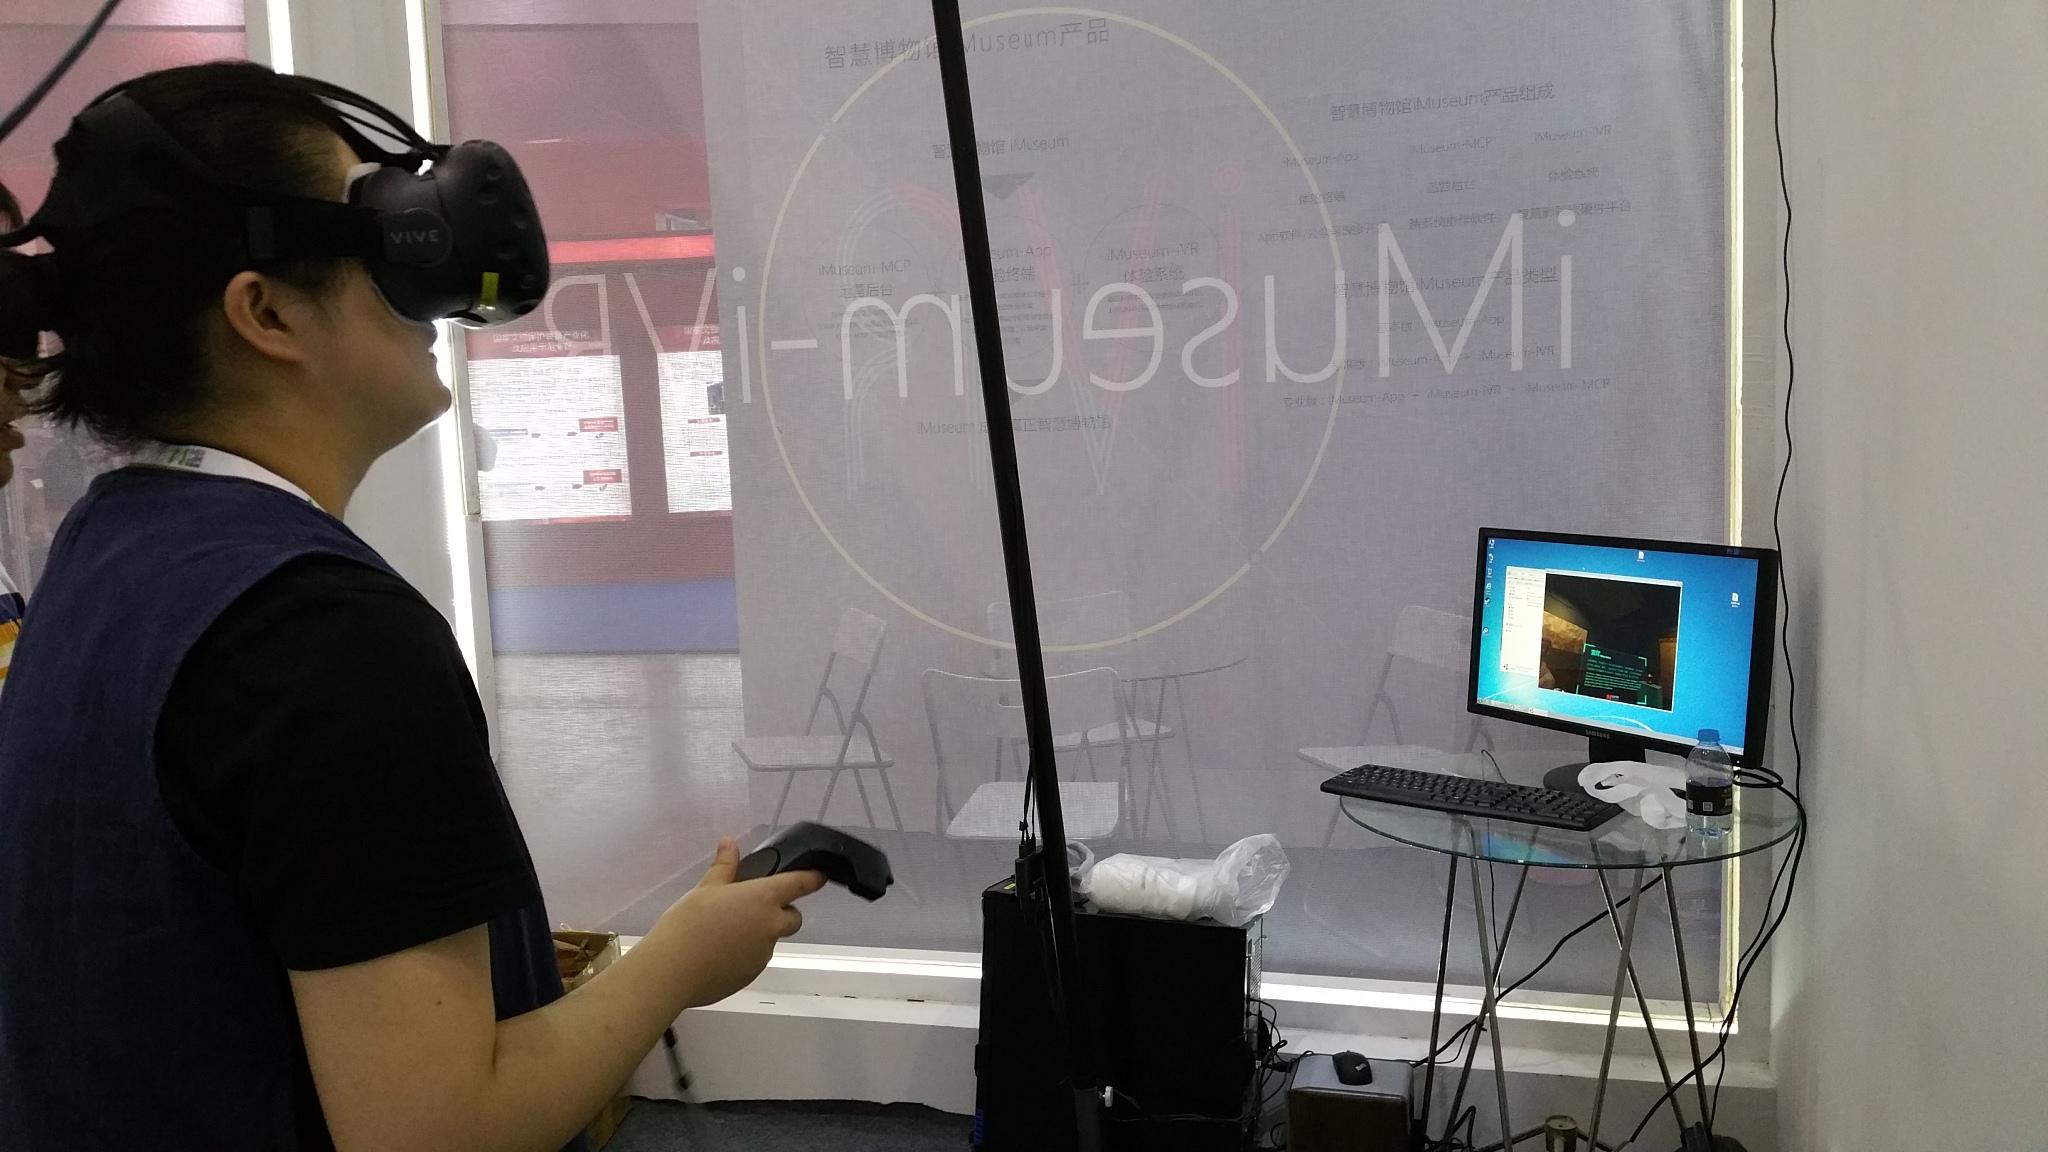 Realidad virtual –iMuseum- desarrollada por Multispace. Chengdu